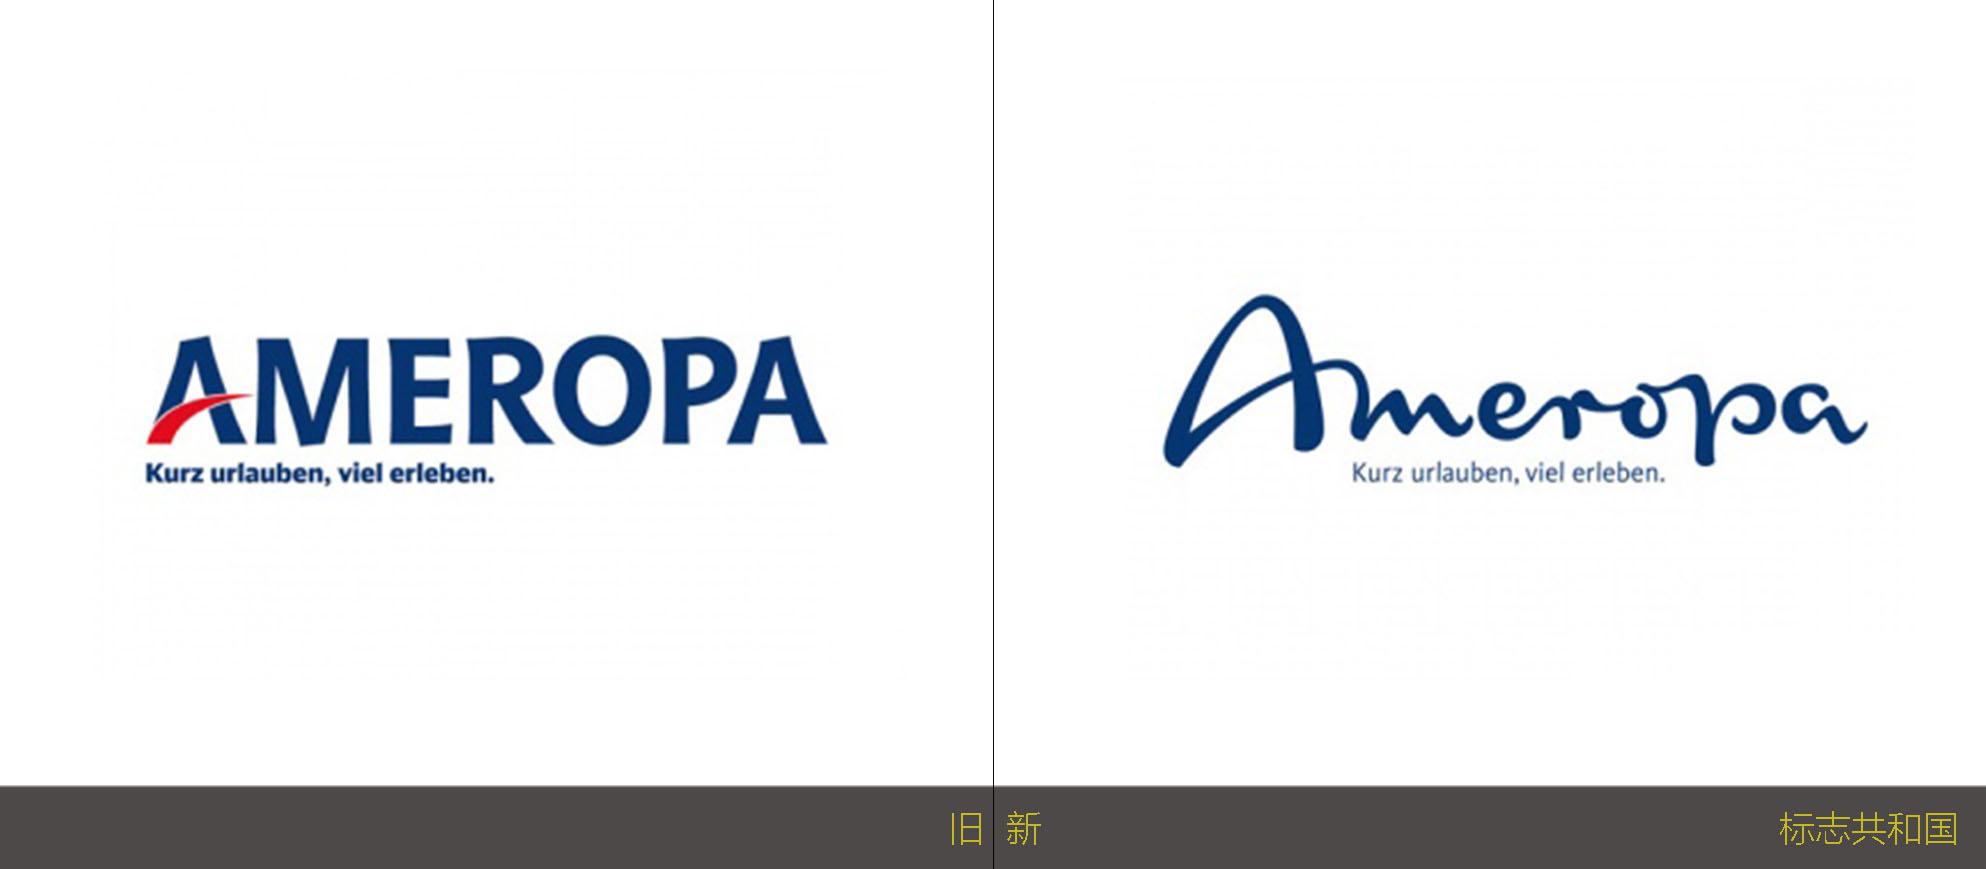 旅游运营商Ameropa全新的品牌标志